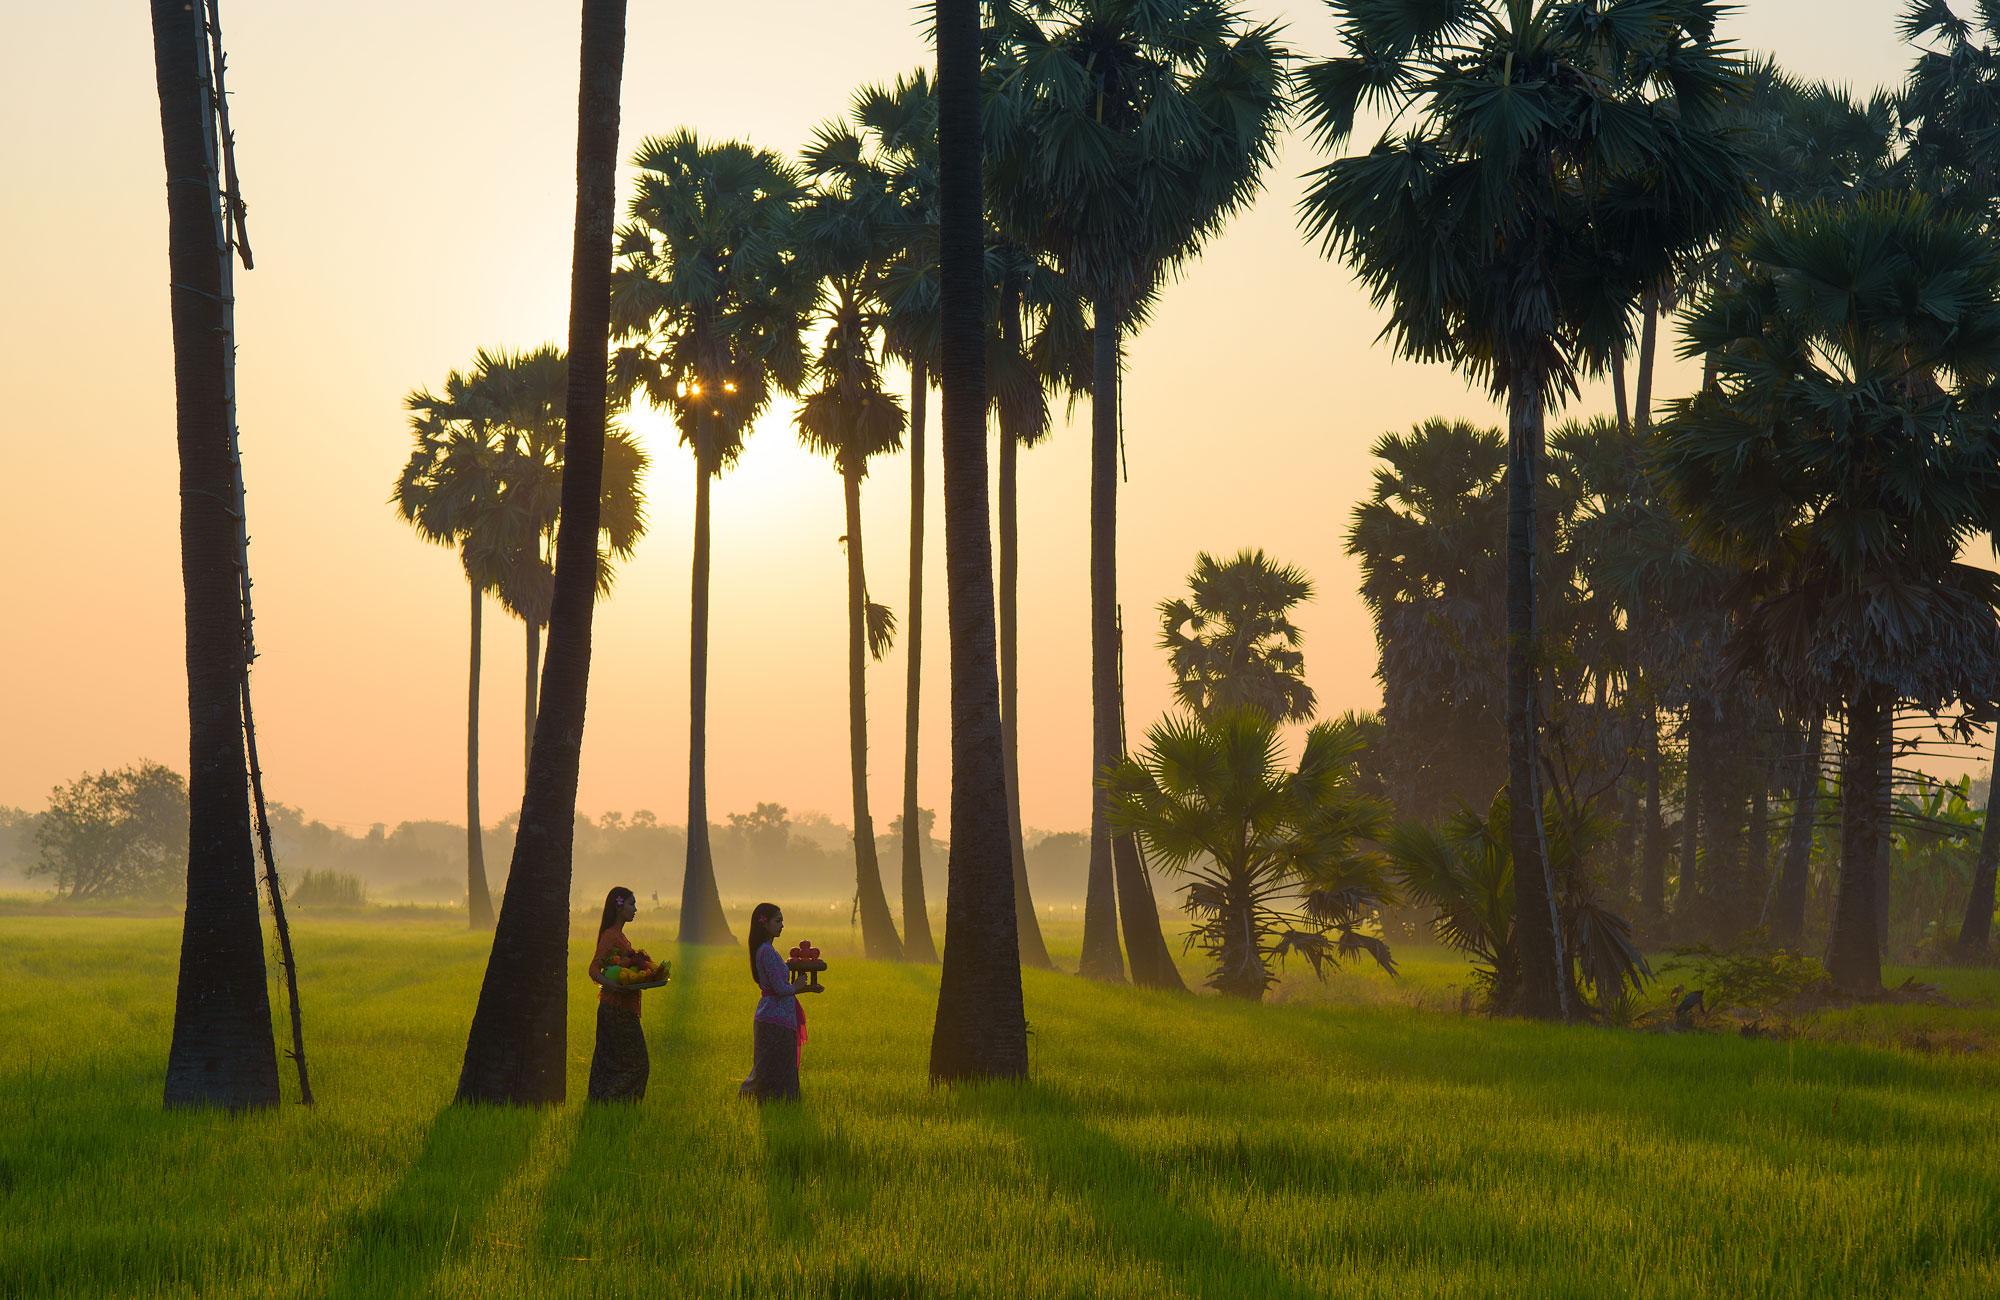 Bali-indonésie-rizières-Amplitudes